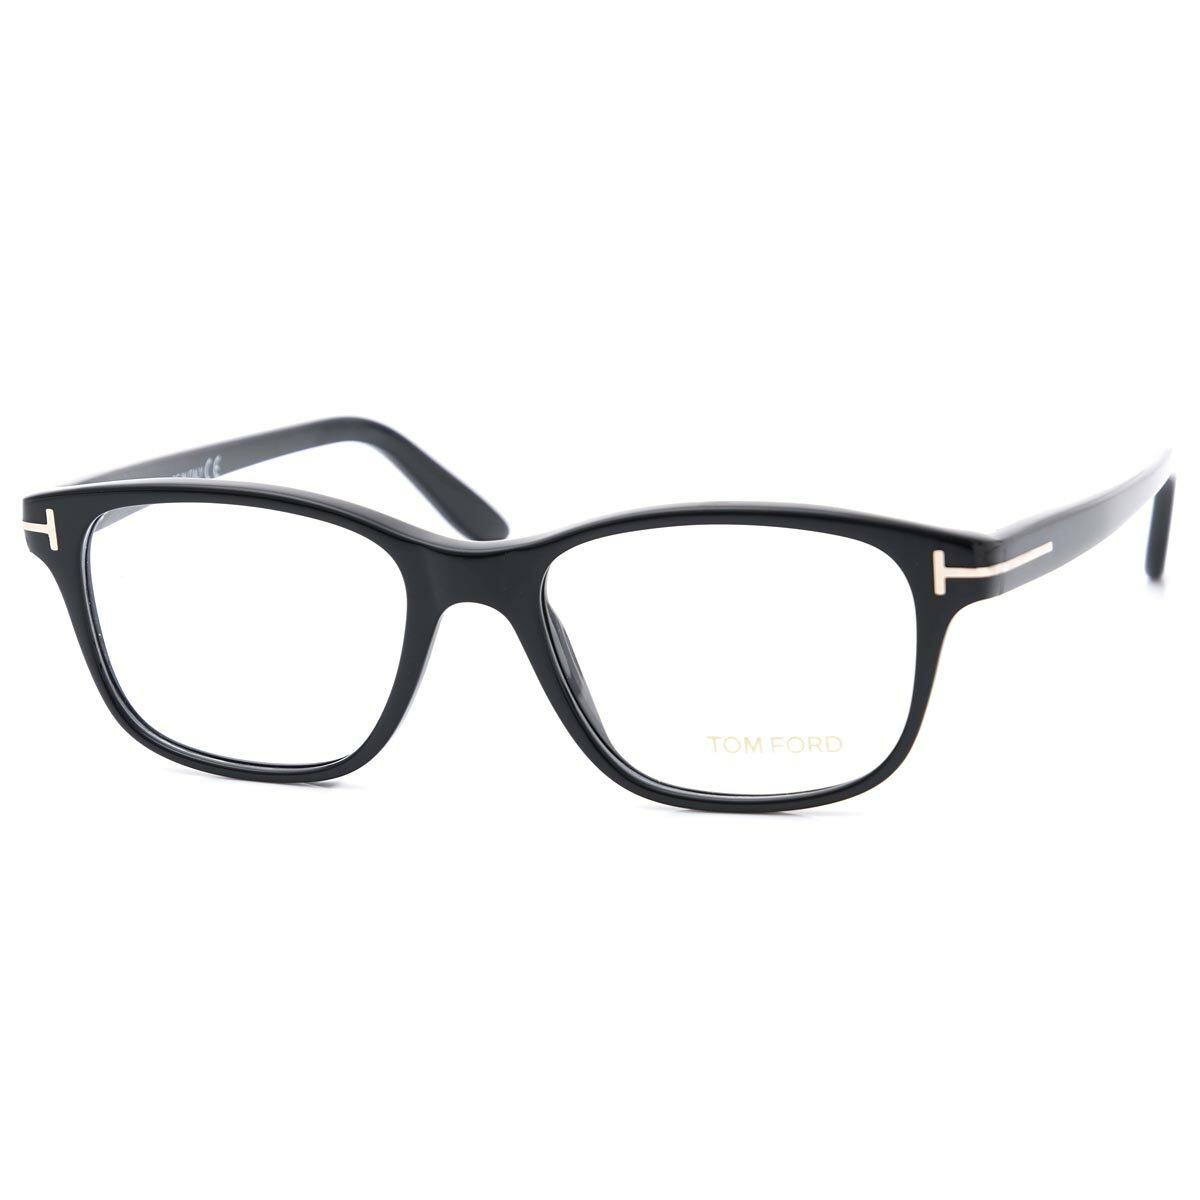 トムフォード TOM FORD 眼鏡 メガネ ブラック メンズ フレーム ft5196 001 ウェイファーラー【あす楽対応_関東】【ラッピング無料】【返品送料無料】